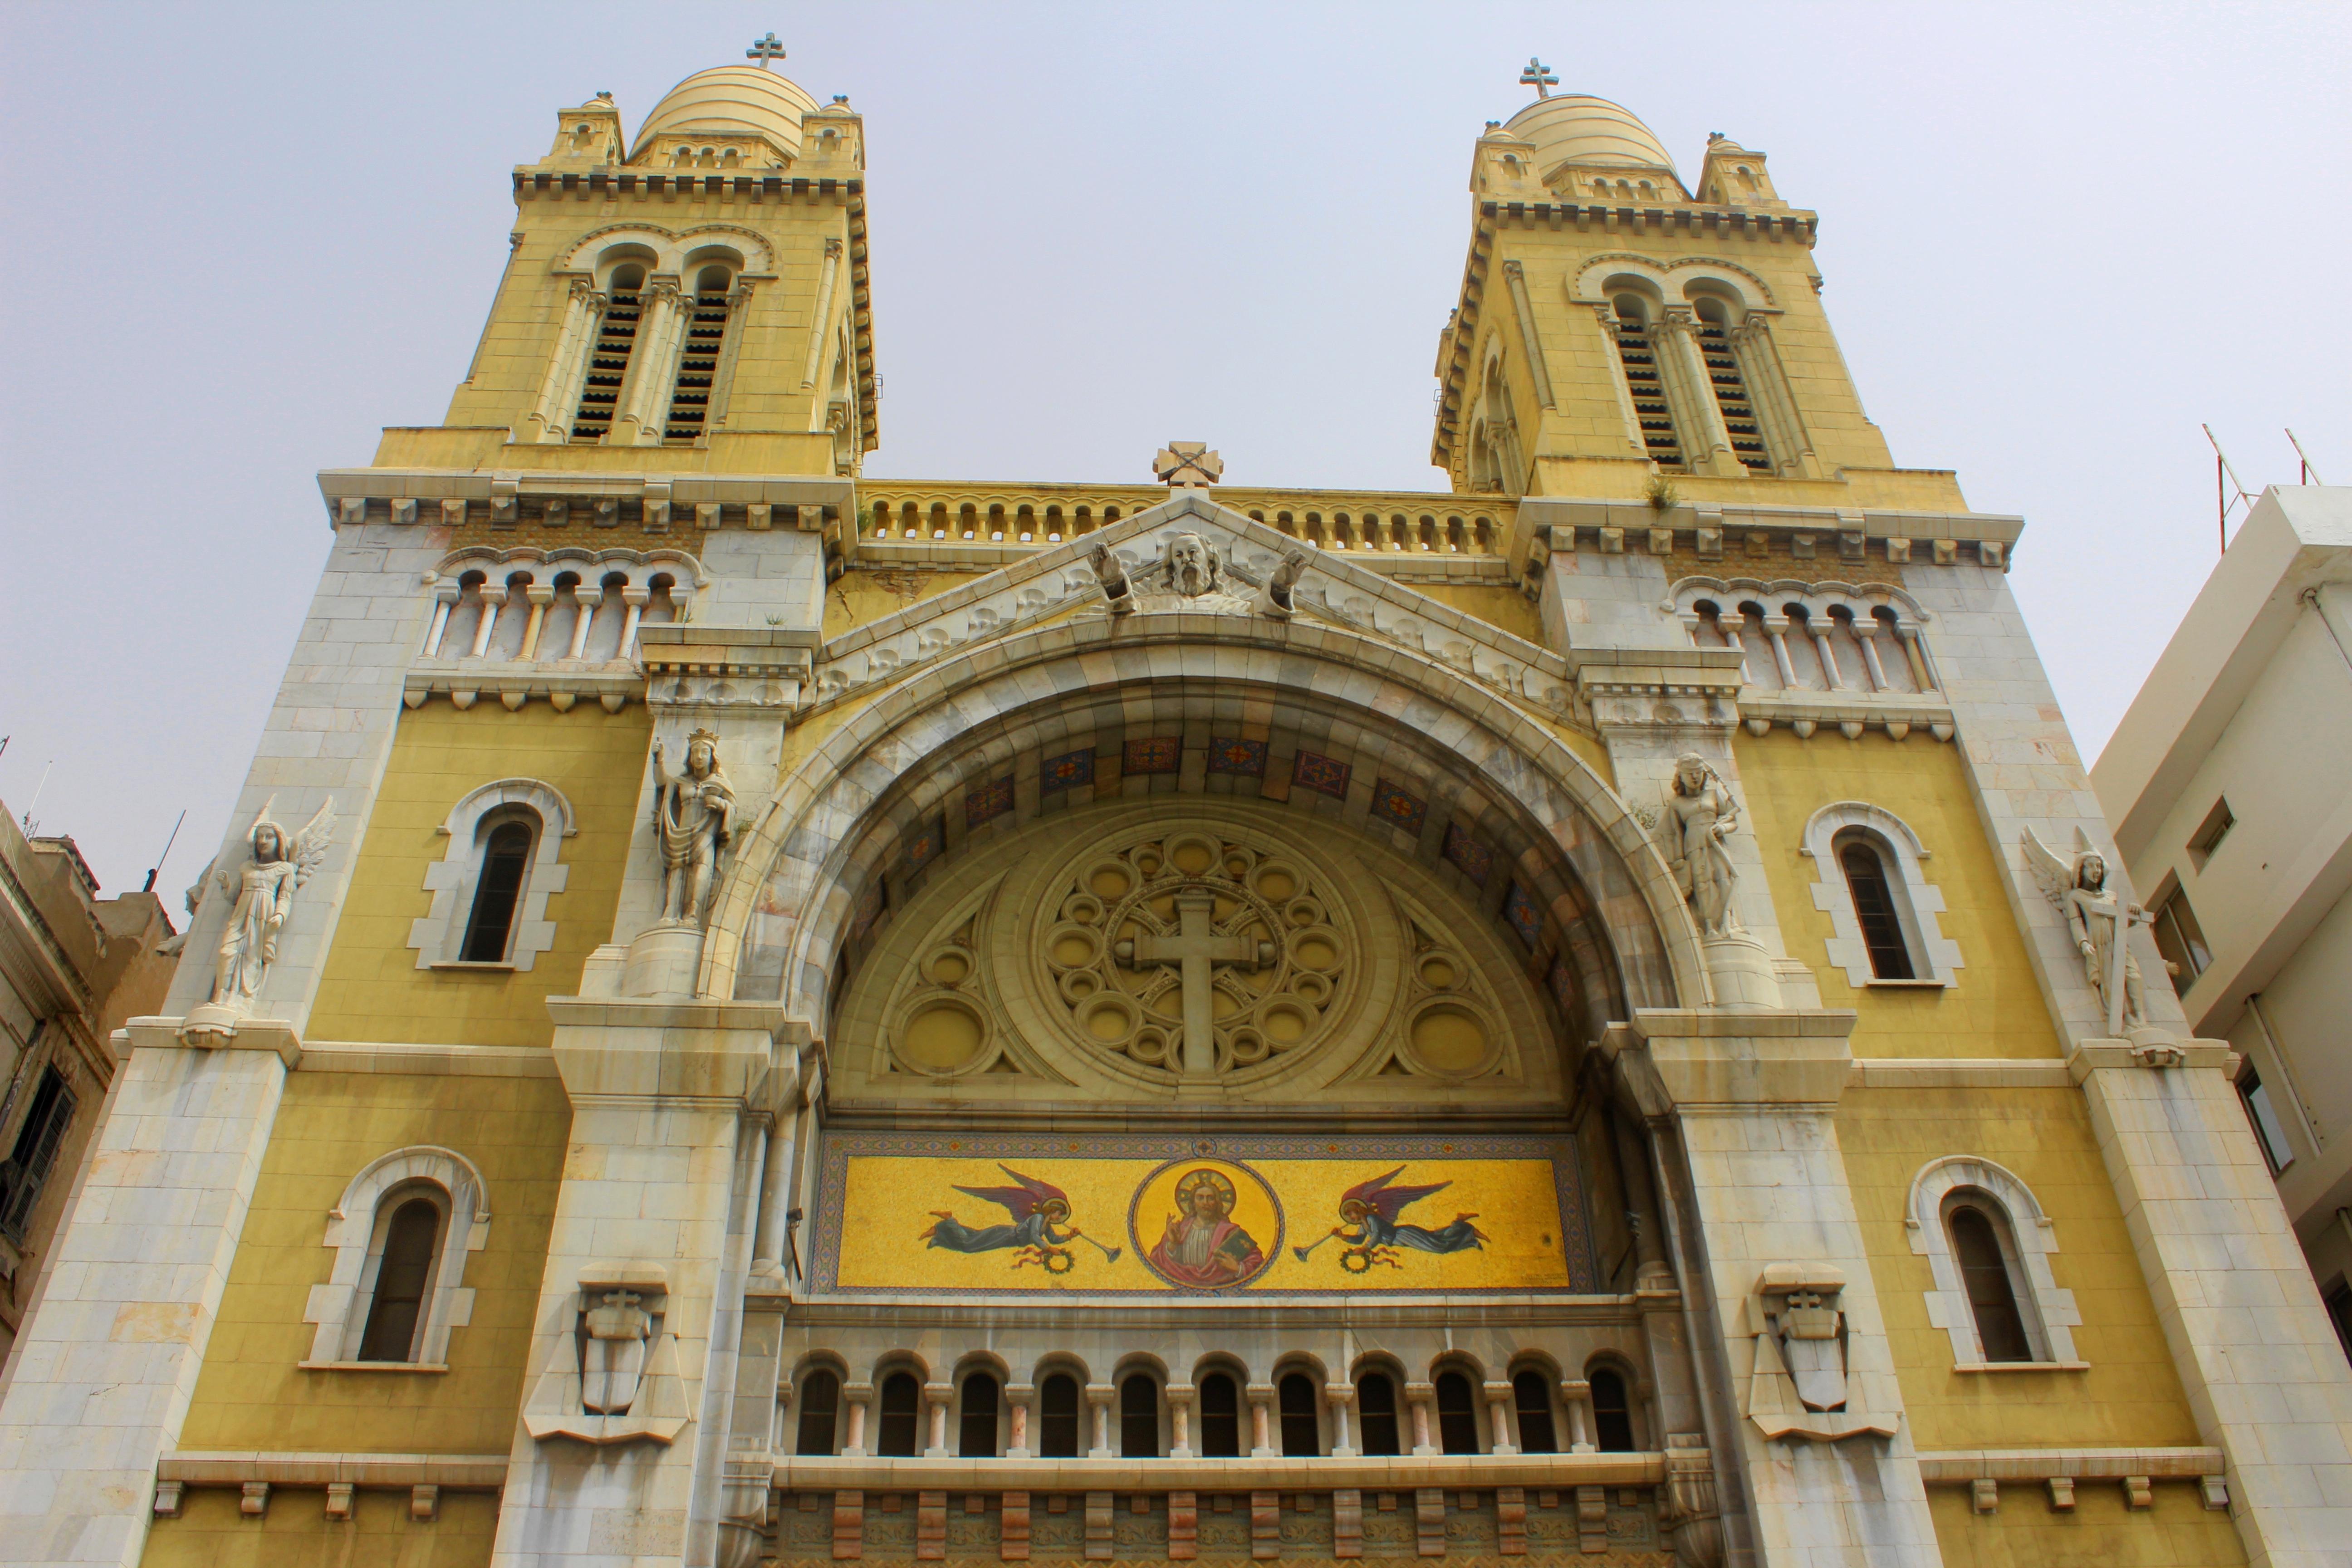 كاتدرائية تونس من زاوية أخرى